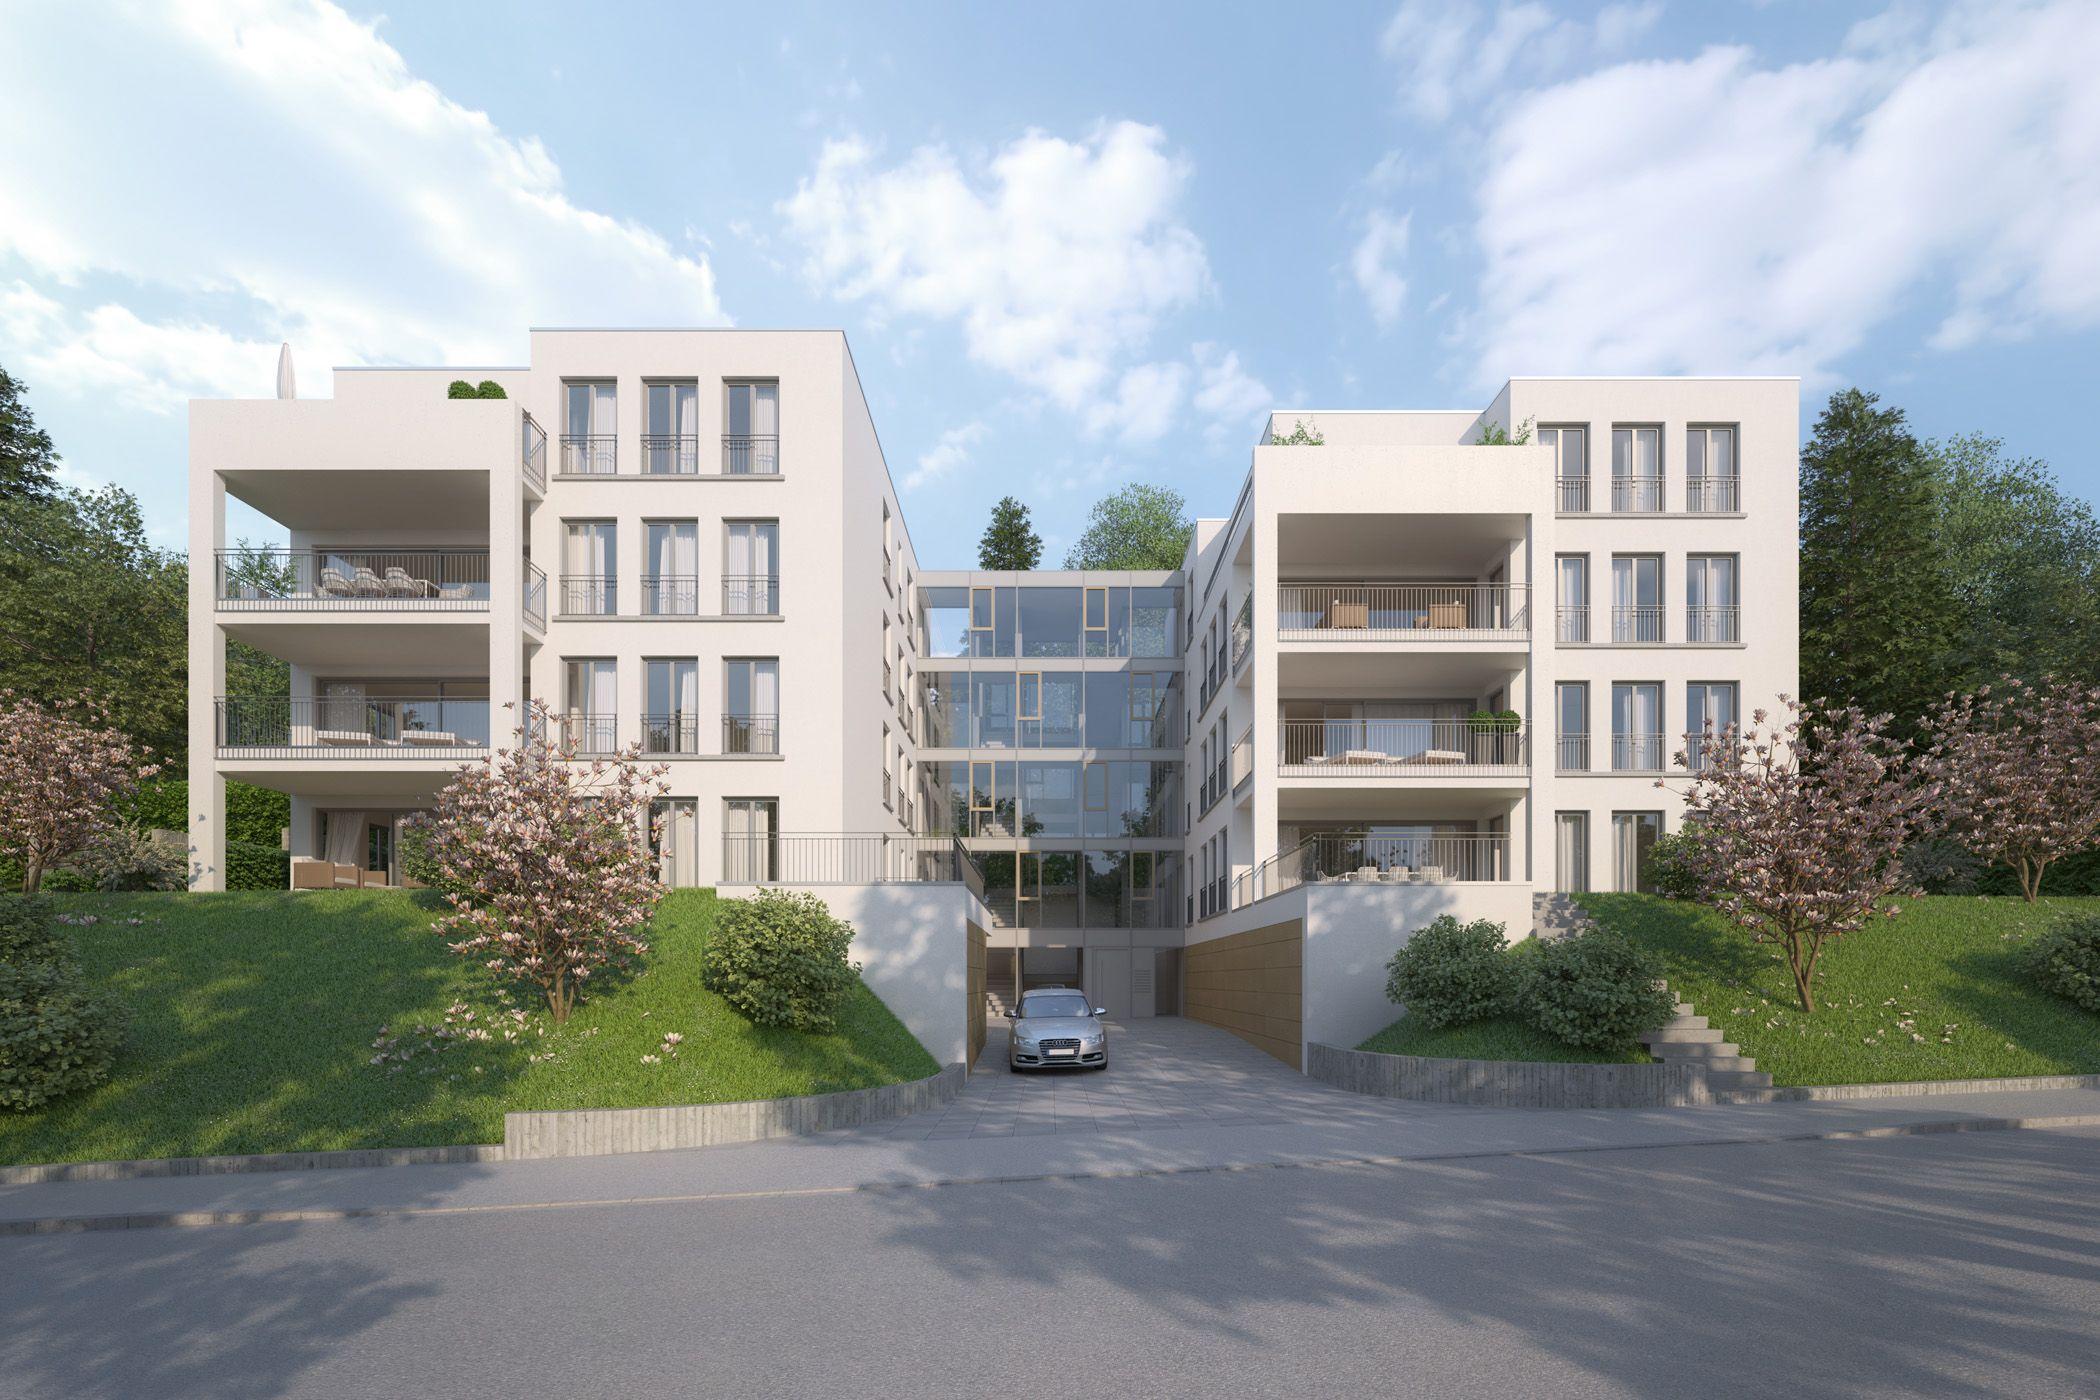 Zwei Mehrfamilienhäuser in Baden-Baden   Raumlabor3 - Architekturvisualisierung aus Karlsruhe